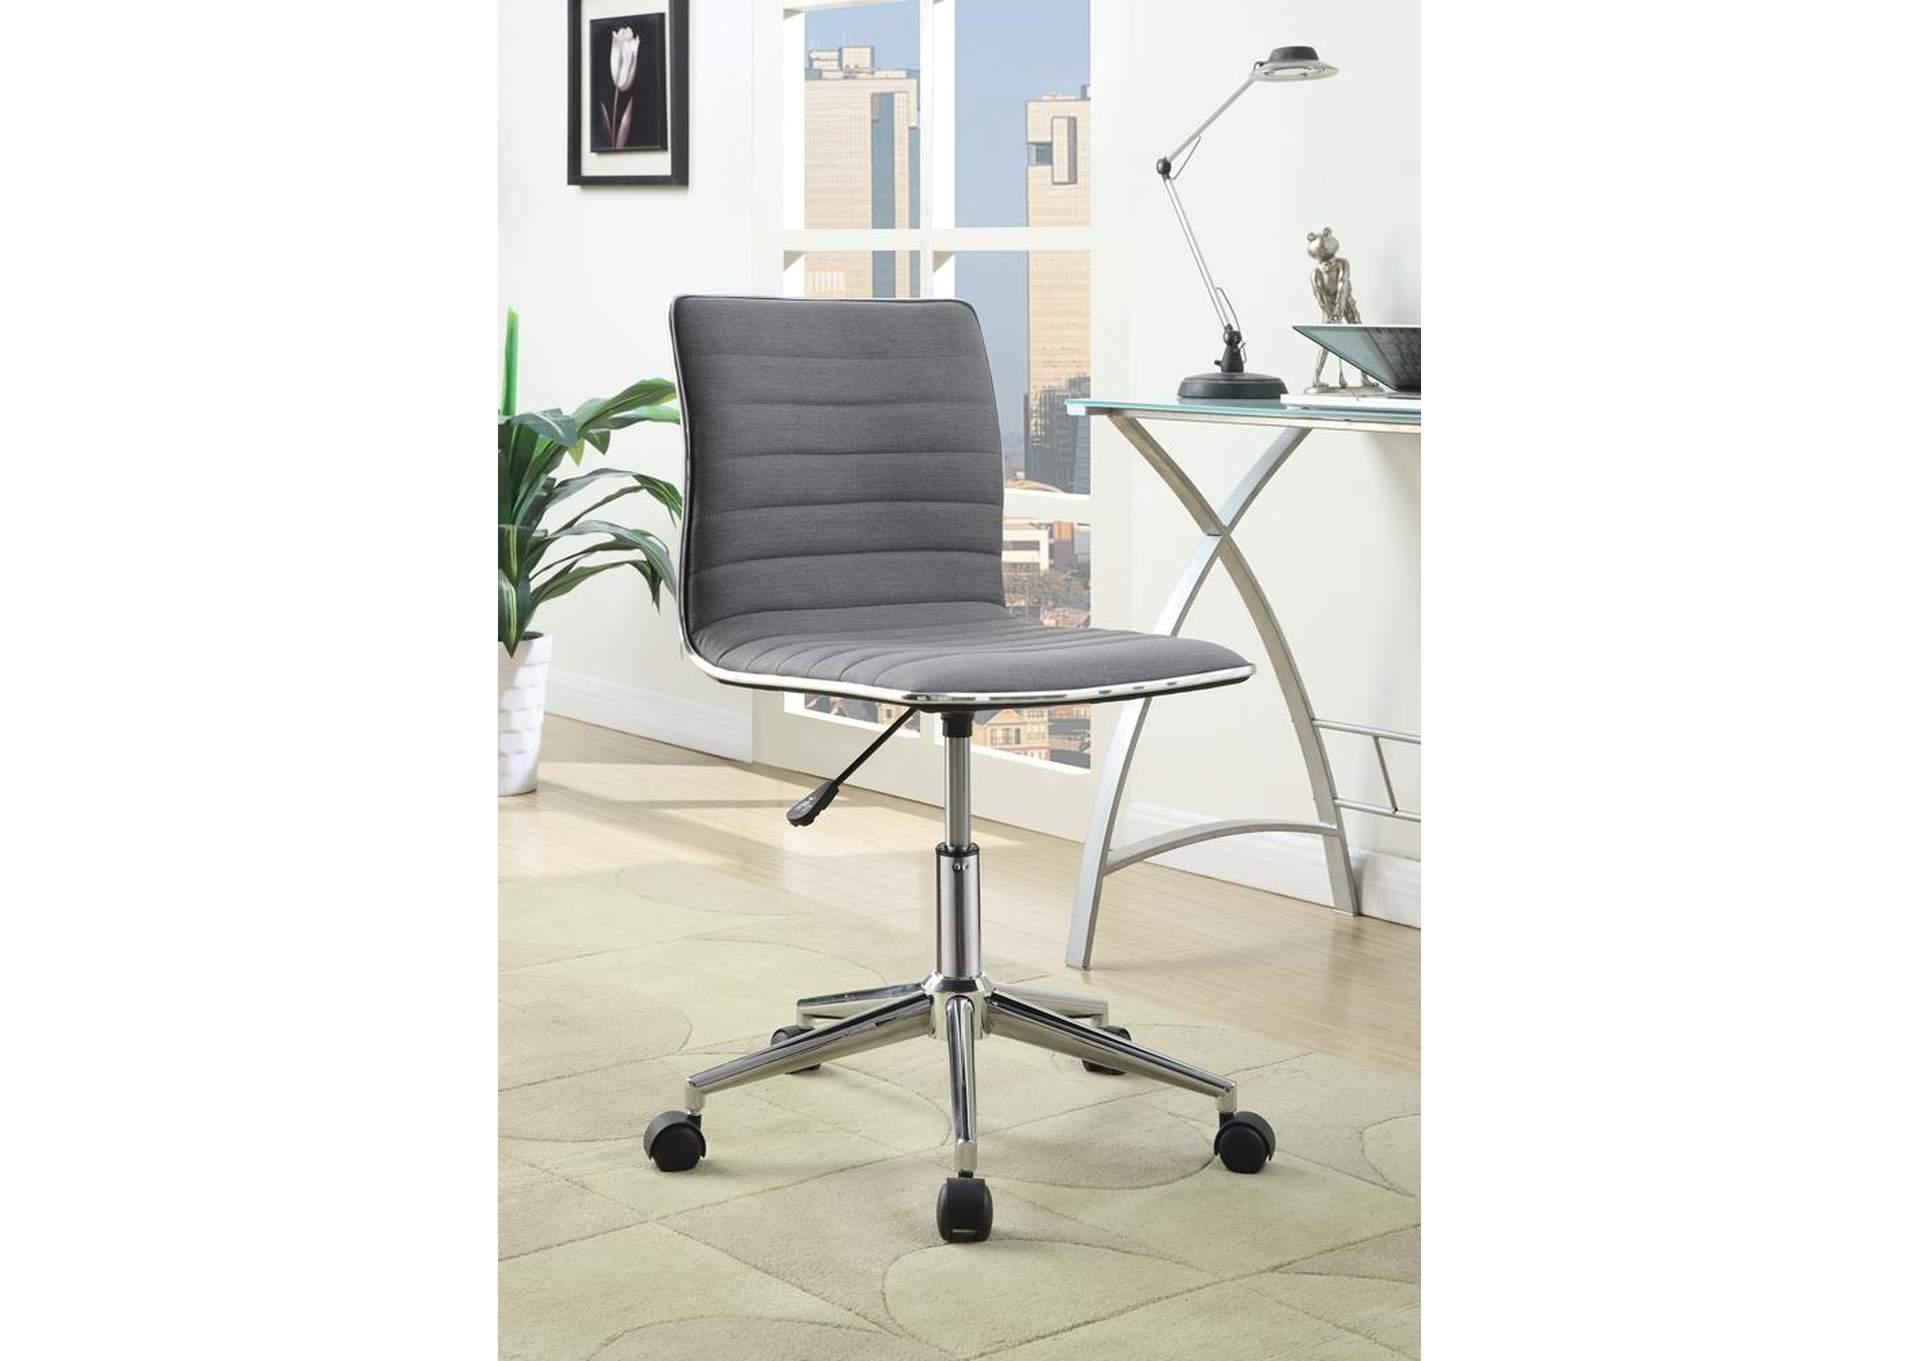 Office Credenza Perth : All brands furniture edison greenbrook north brunswick perth